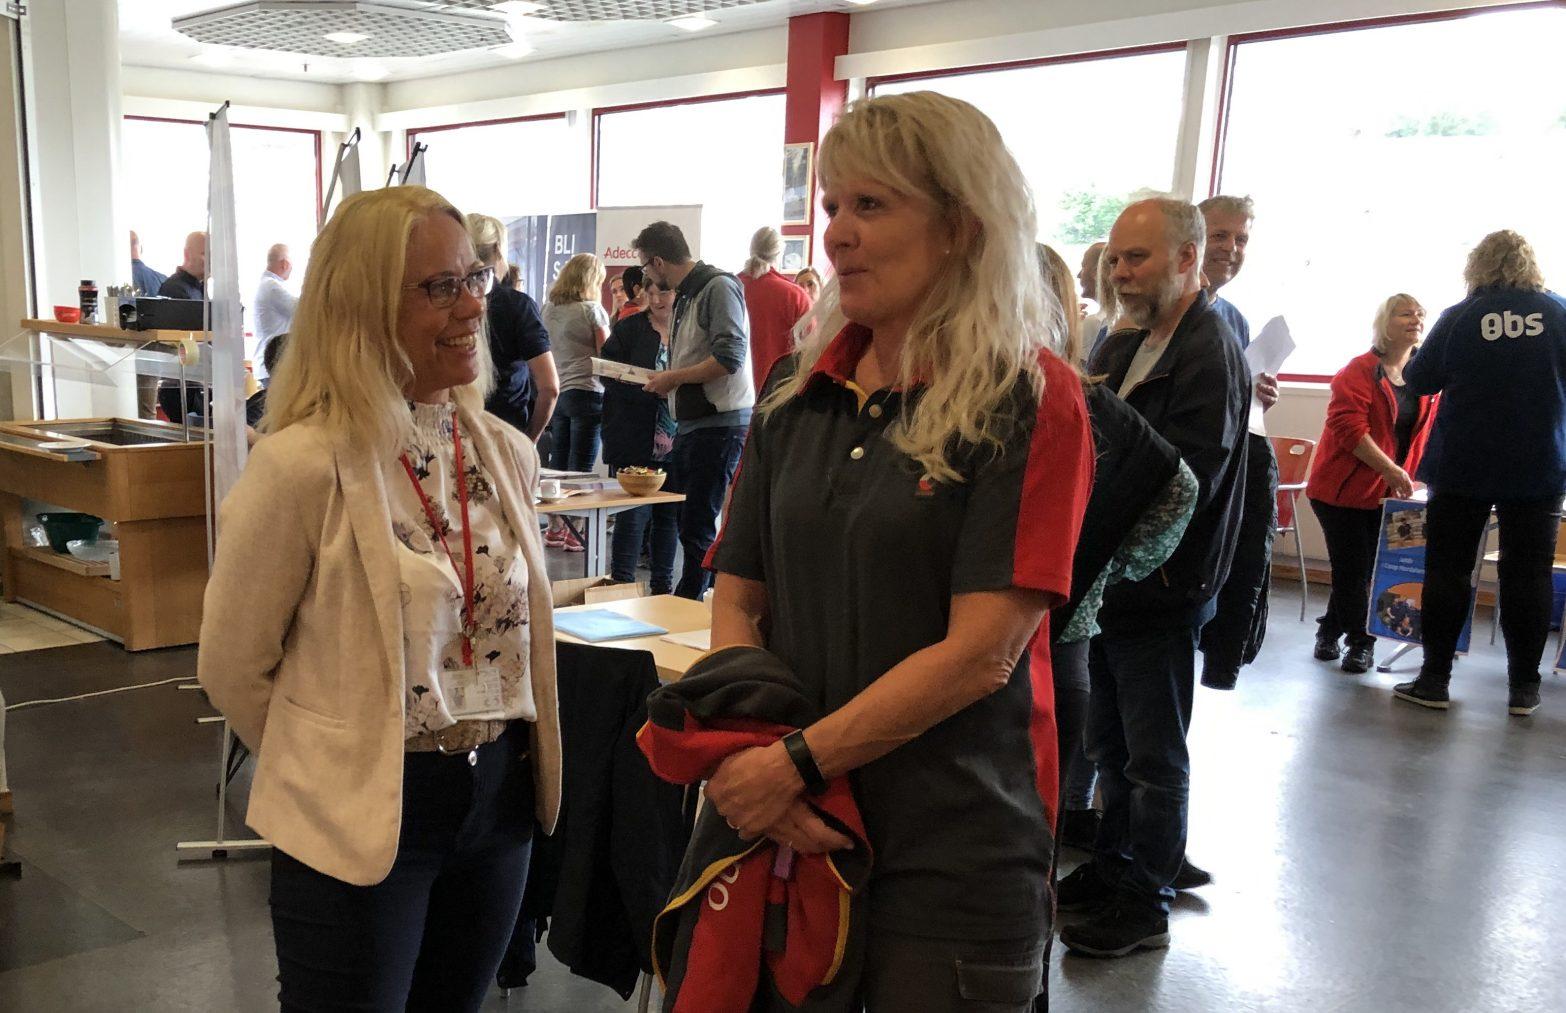 PÅ JOBBMESSE: Posten-ansatte Inger Lise Haldorsen (t.h.) håper å finne seg en ny jobb. Her sammen med HR-fagsjef i Posten, Heidi Fredriksen (t.v.).